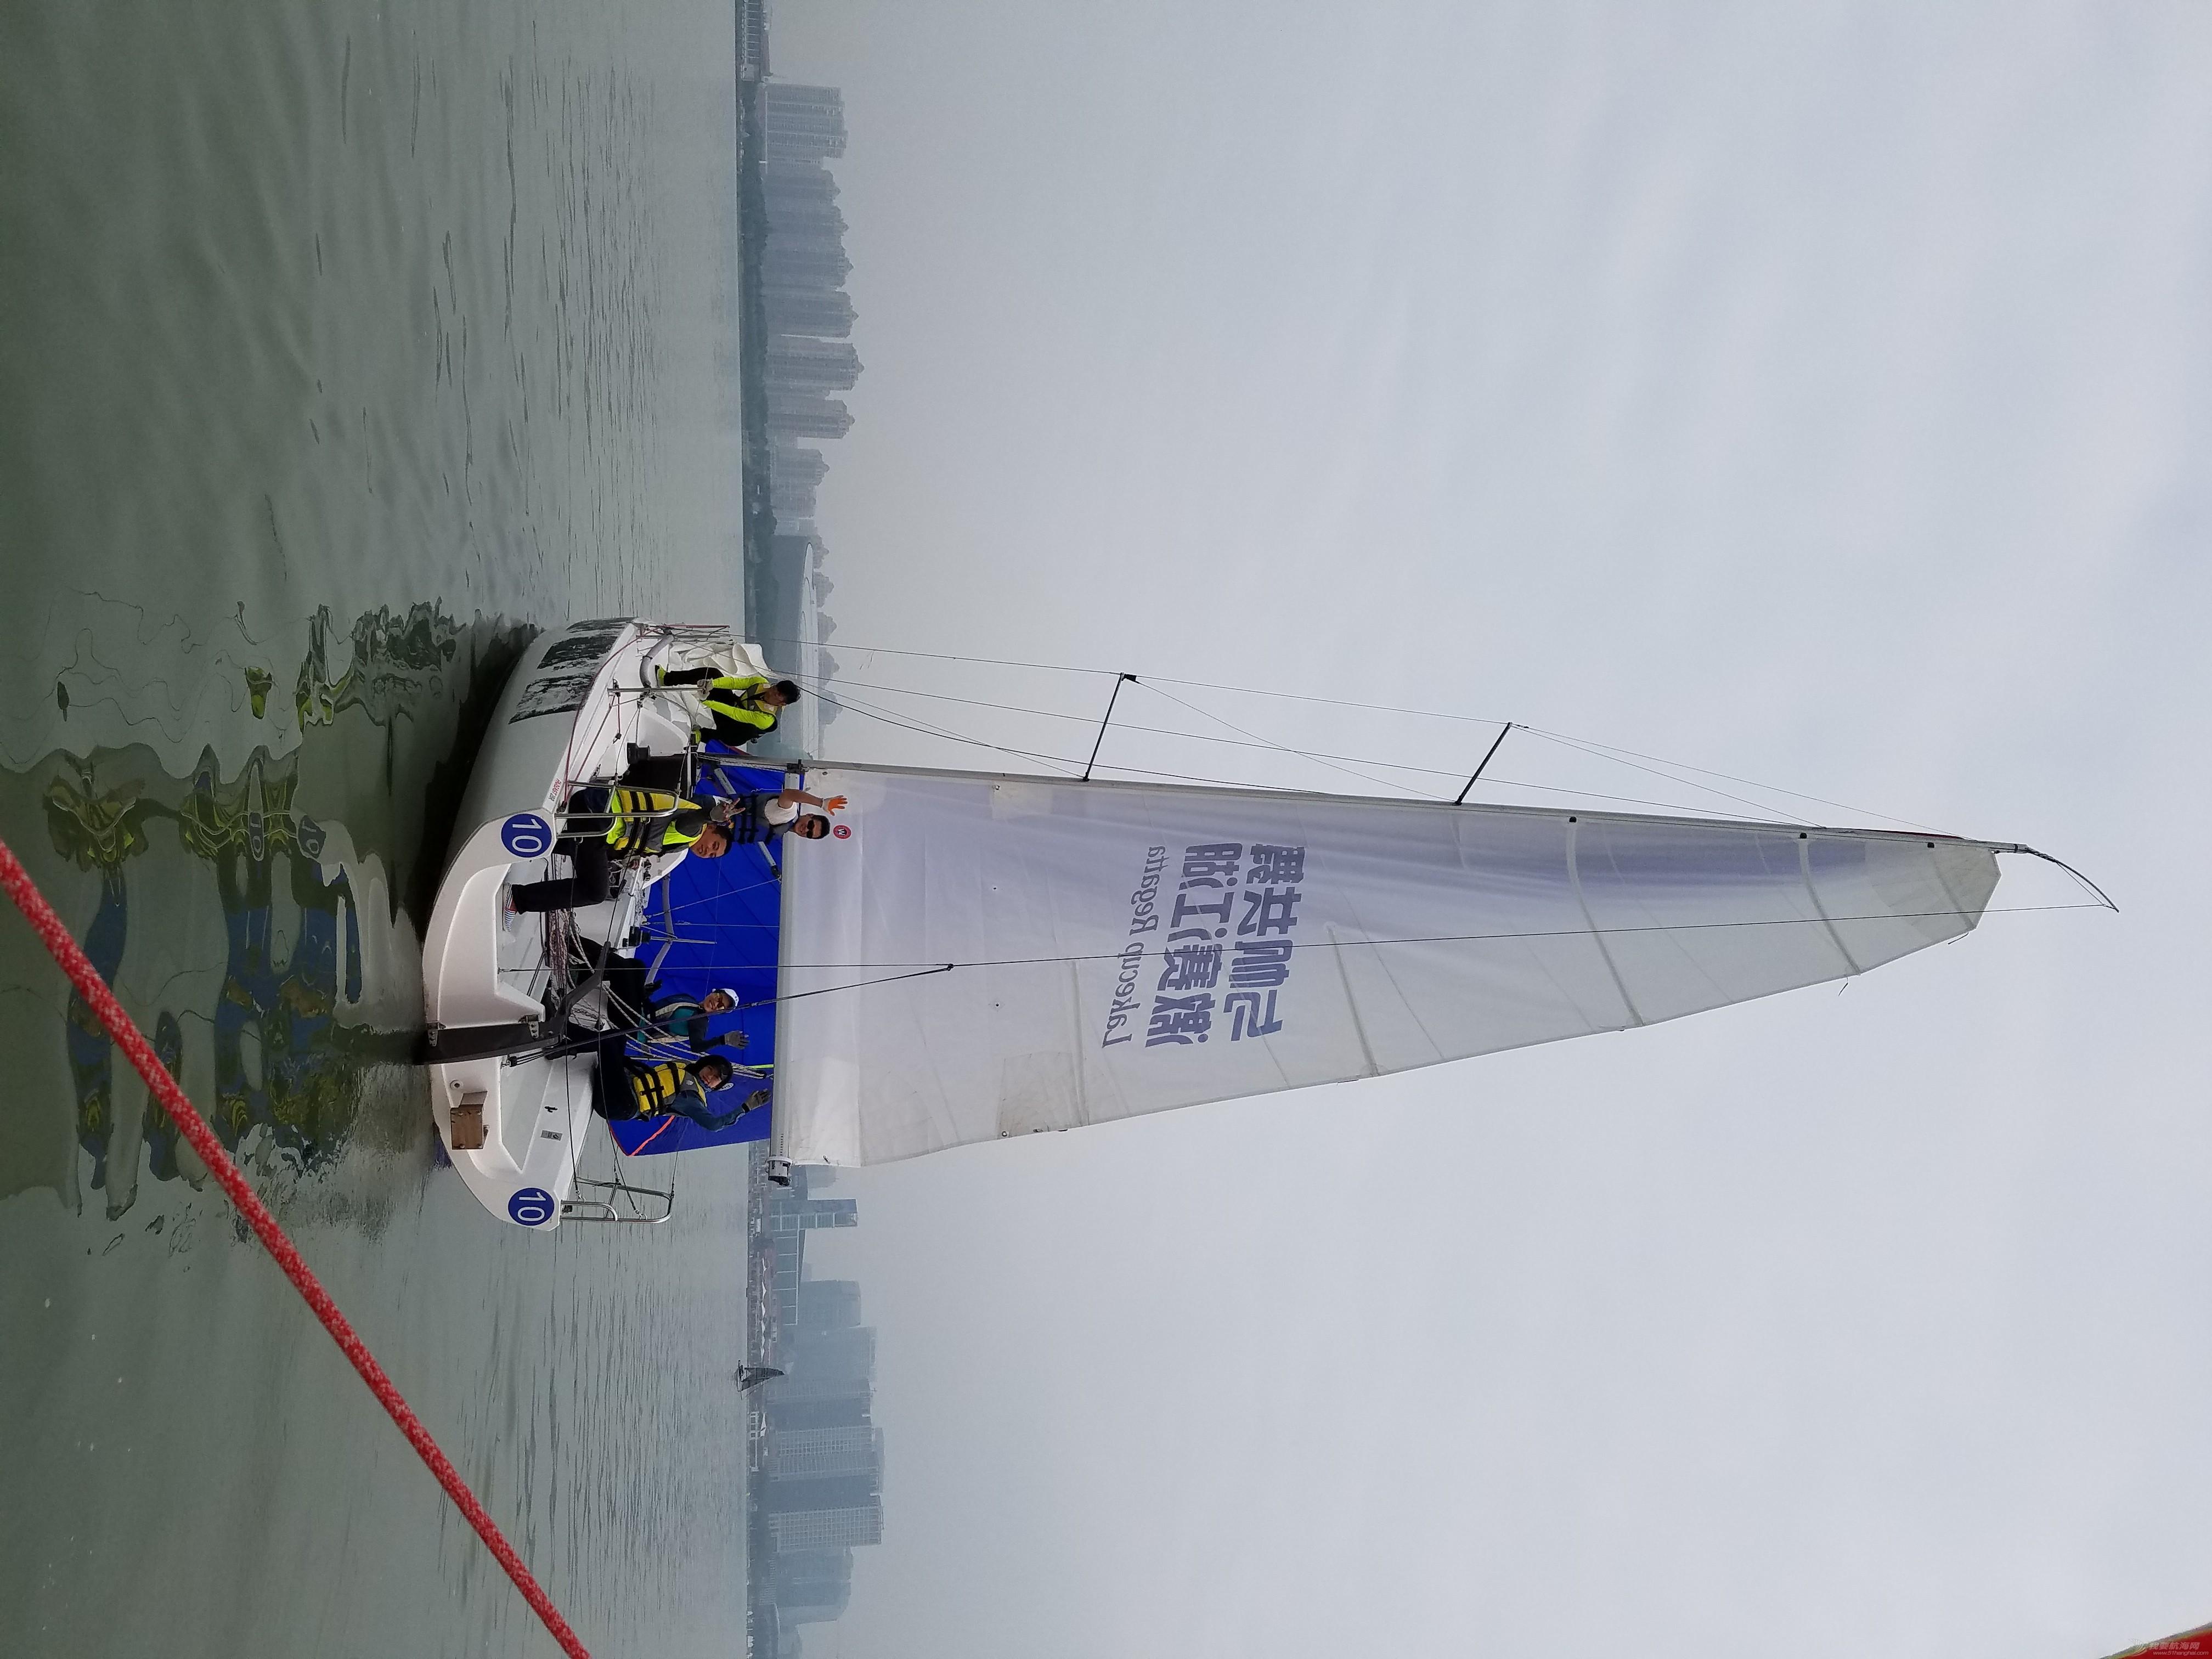 全新的世界,金鸡 风起湖上-城际内湖杯帆船赛